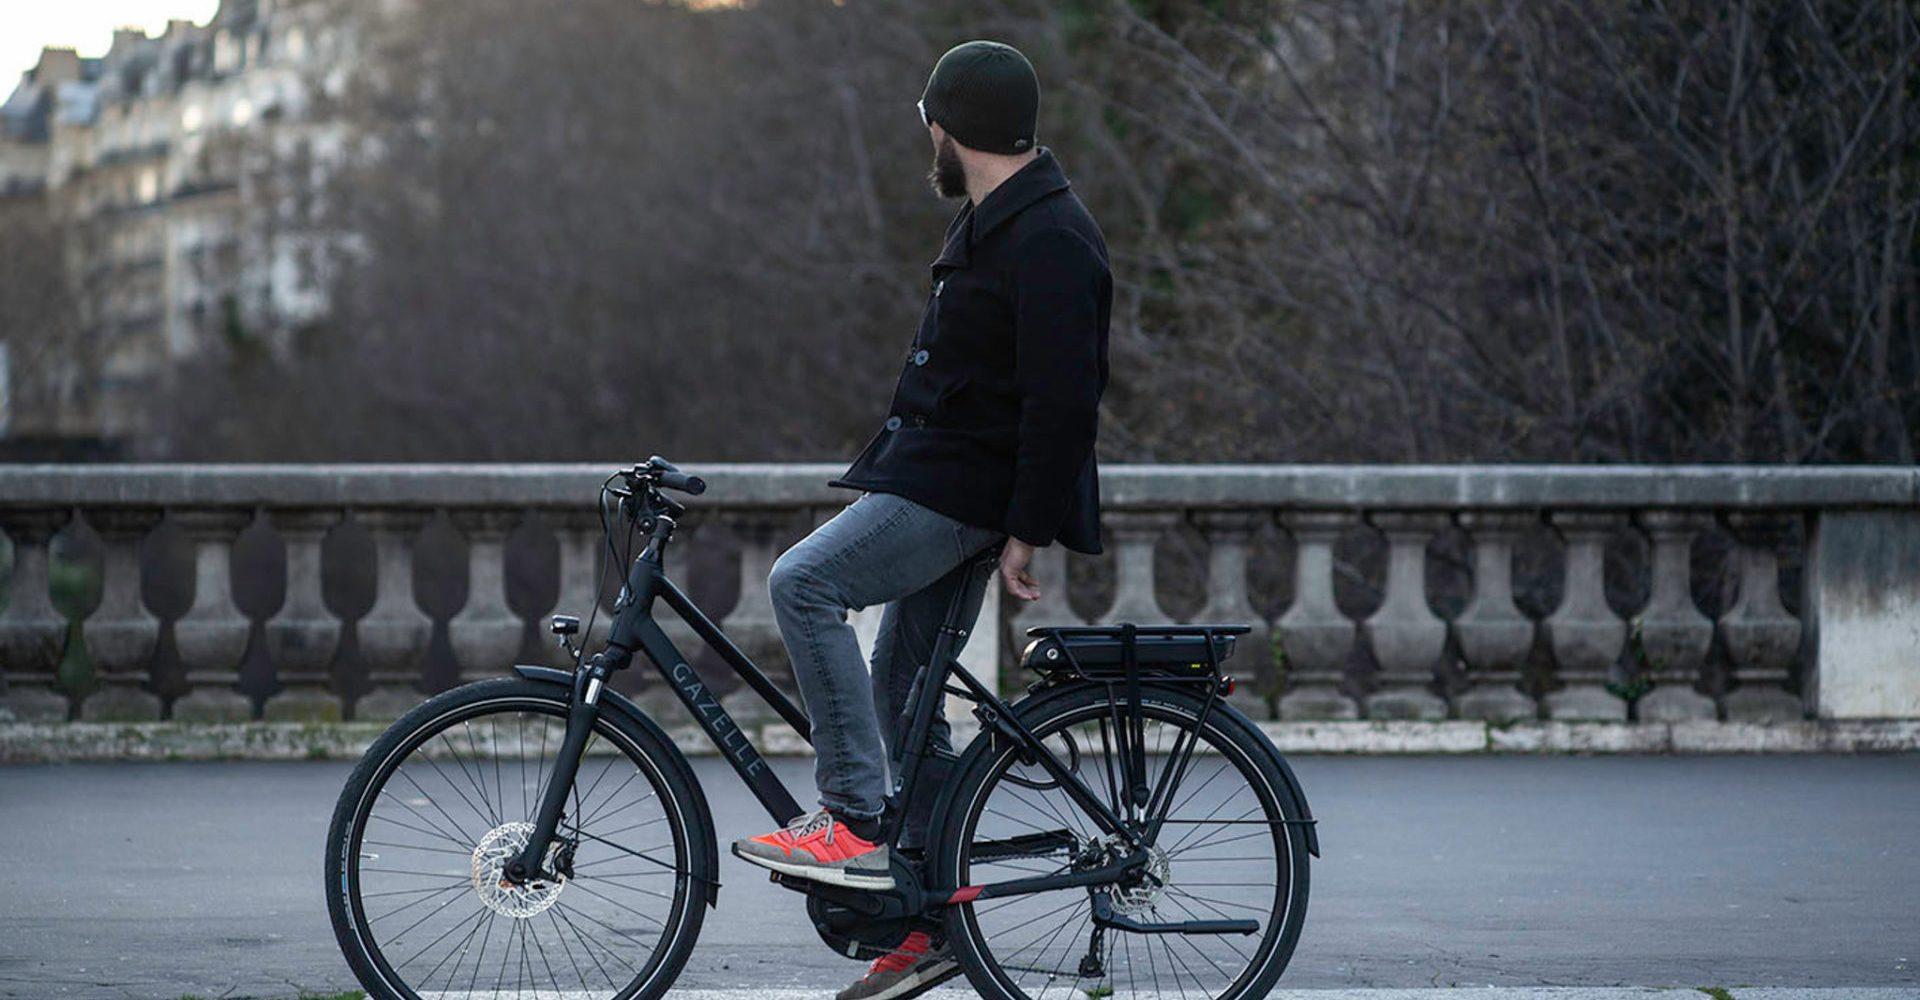 [Test] Vélo électrique Medeo T9, une pudeur de Gazelle